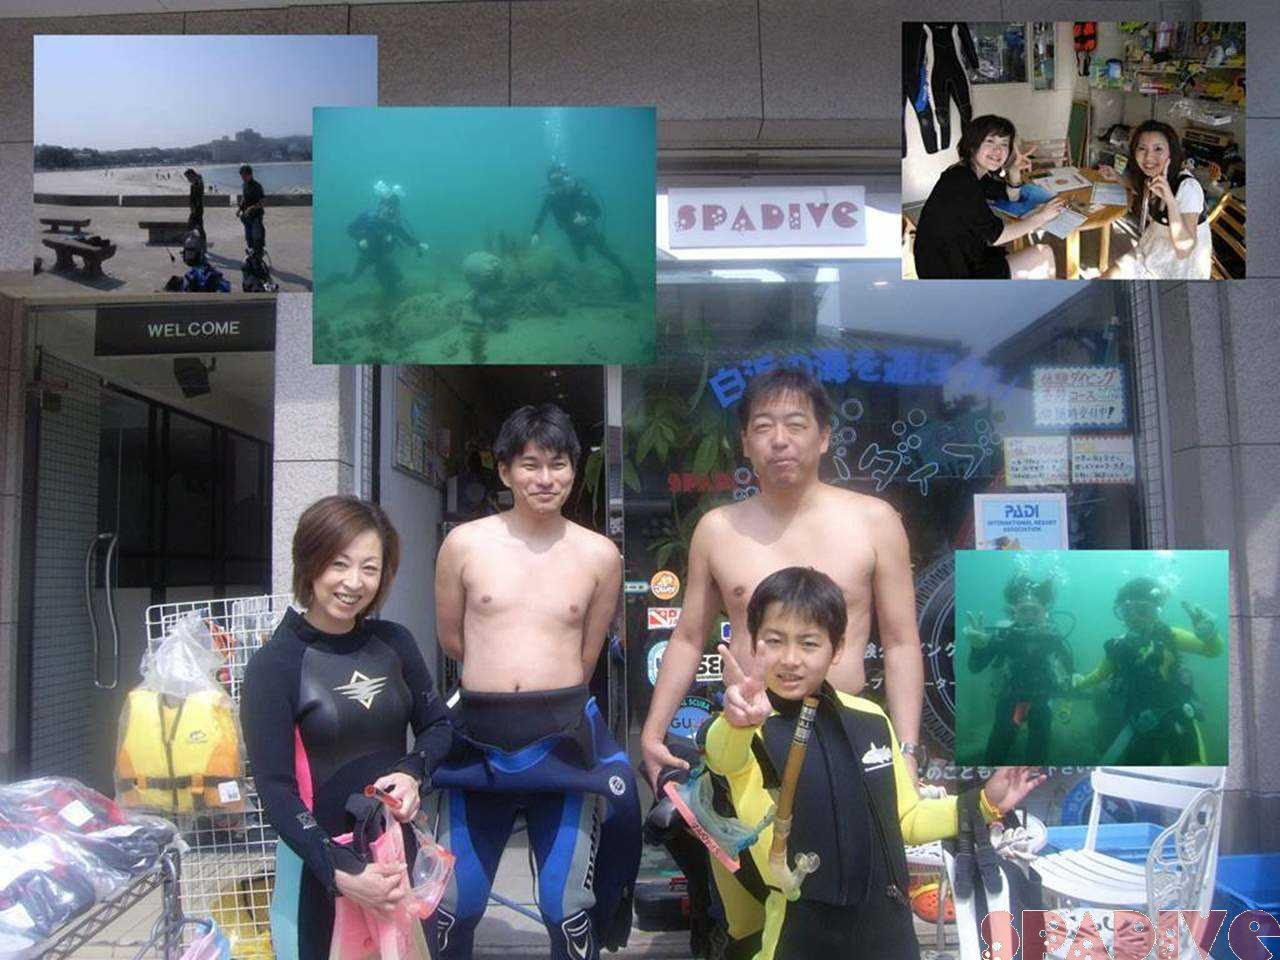 ビーチファンダイビング&体験ダイビング|5/3/2007白浜権現崎